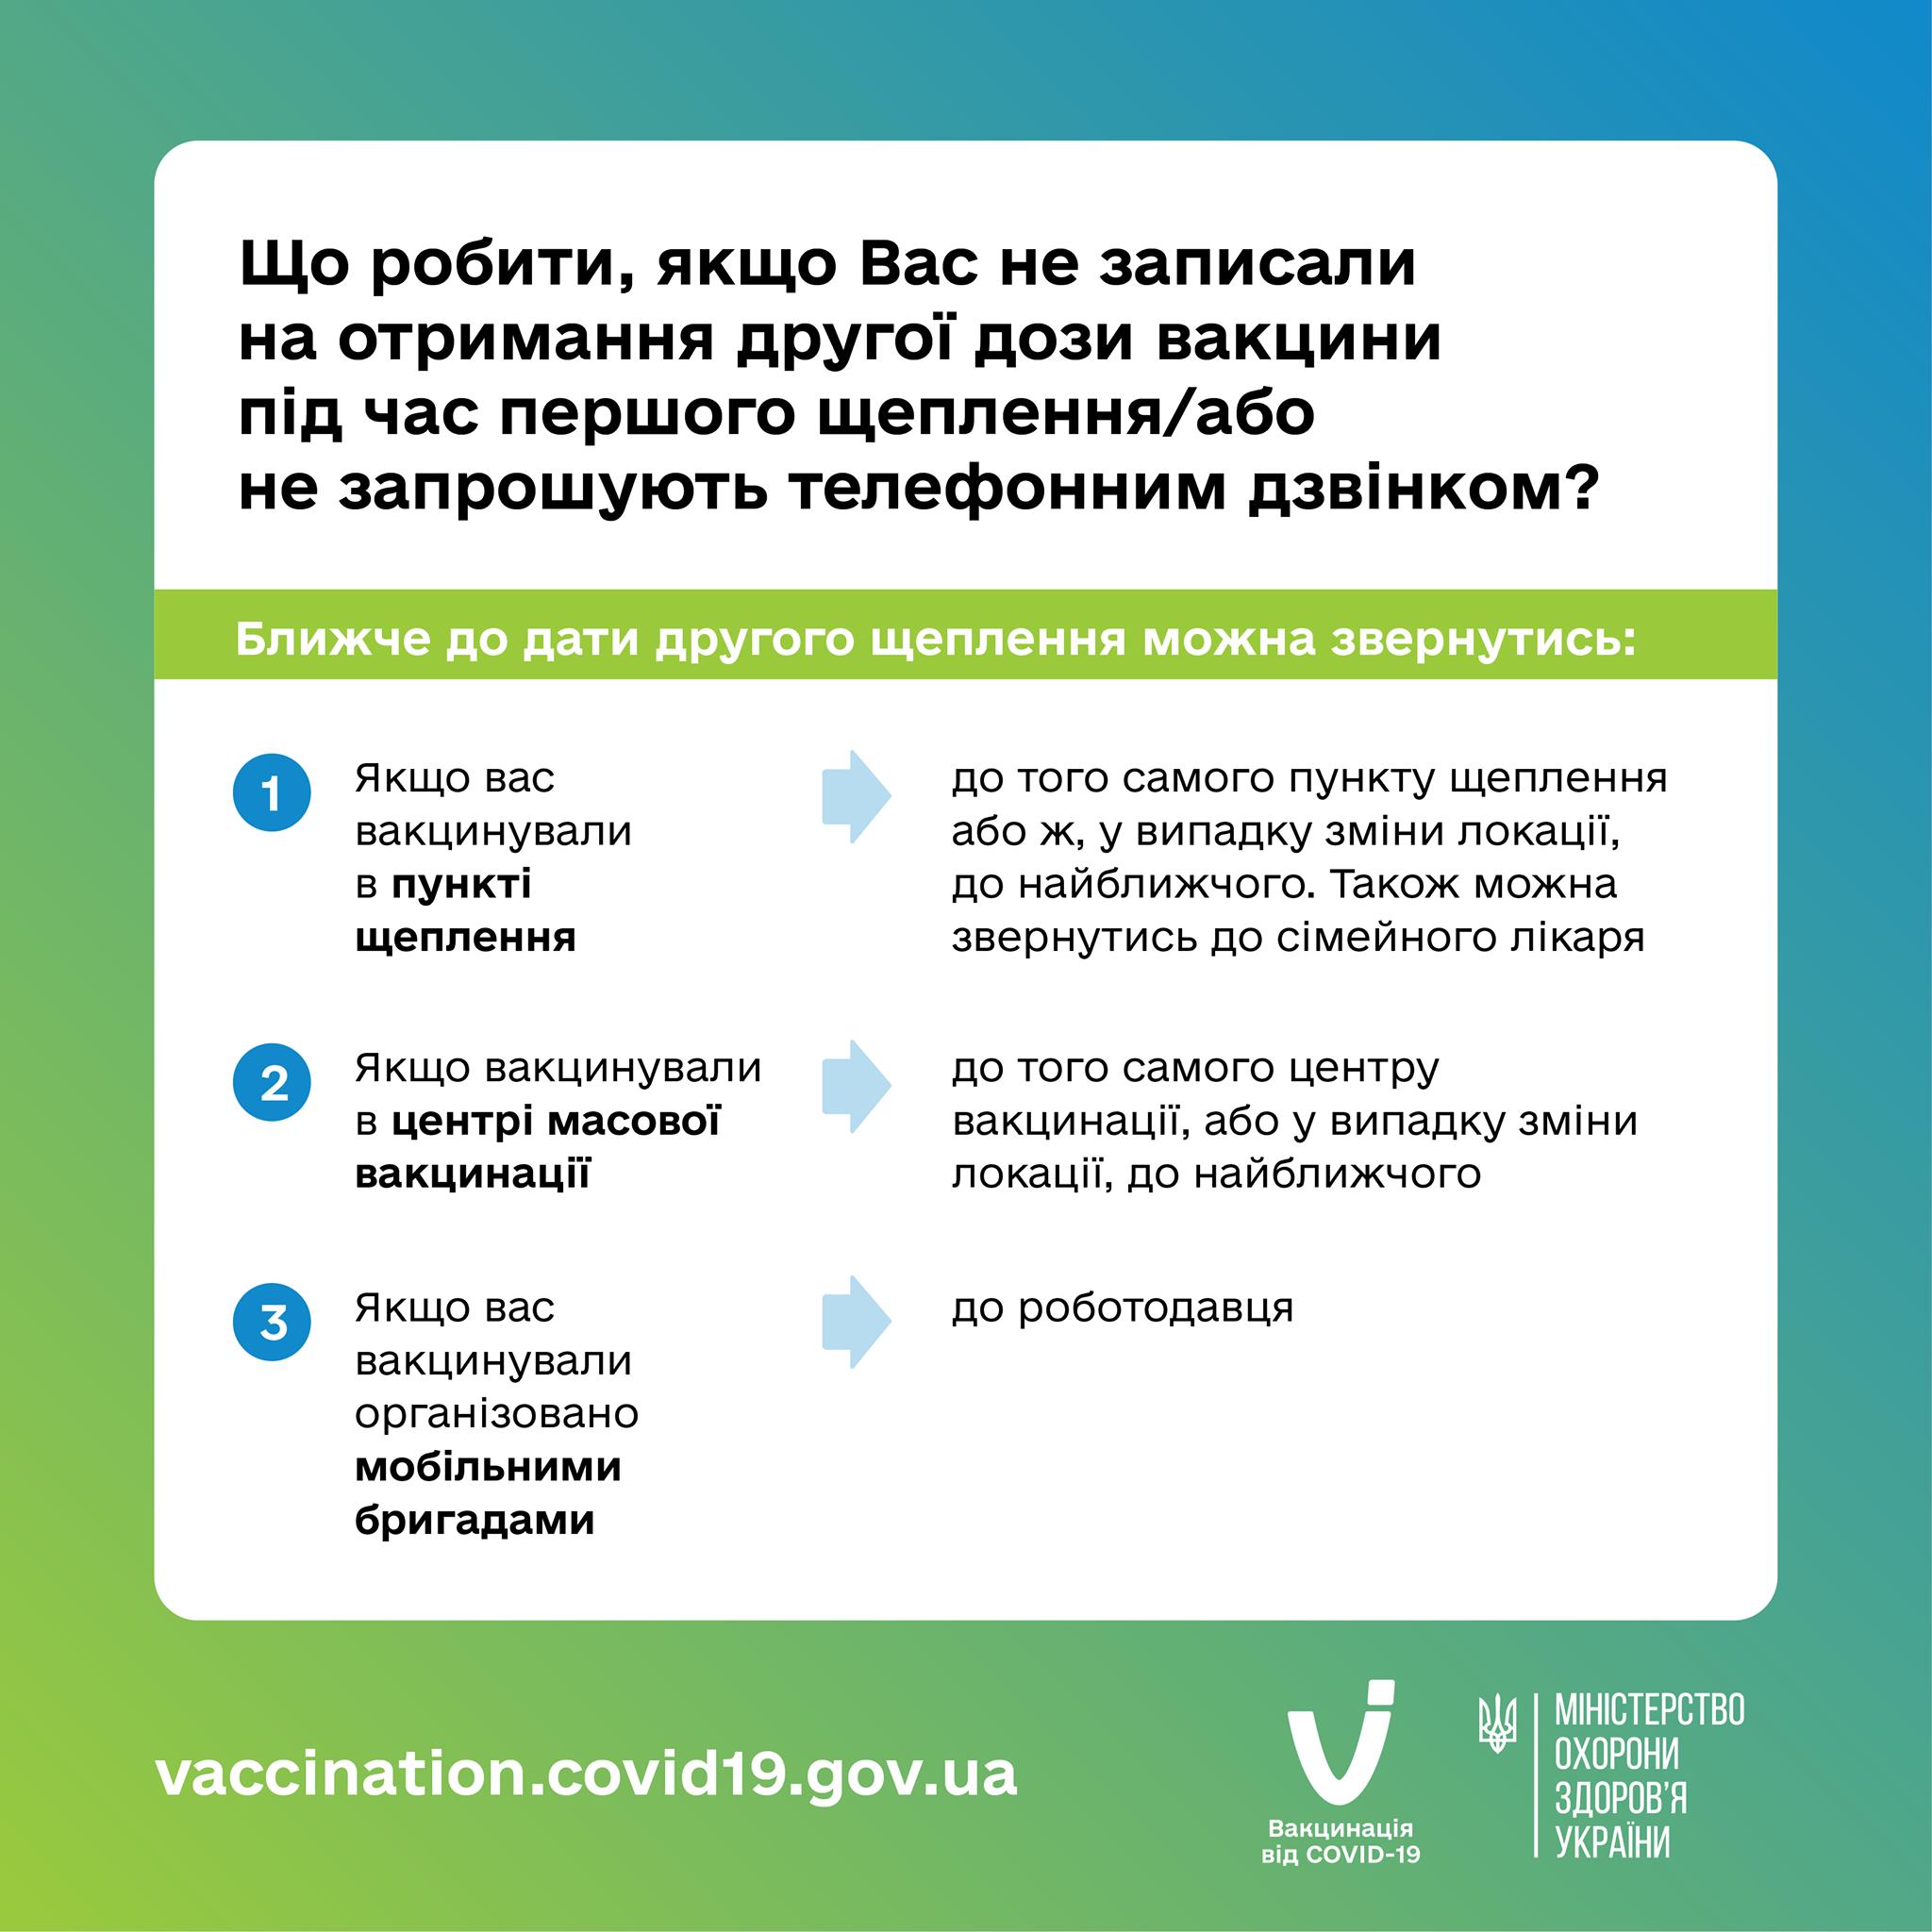 Як отримати другу дозу вакцини від коронавірусу: інструкція МОЗ